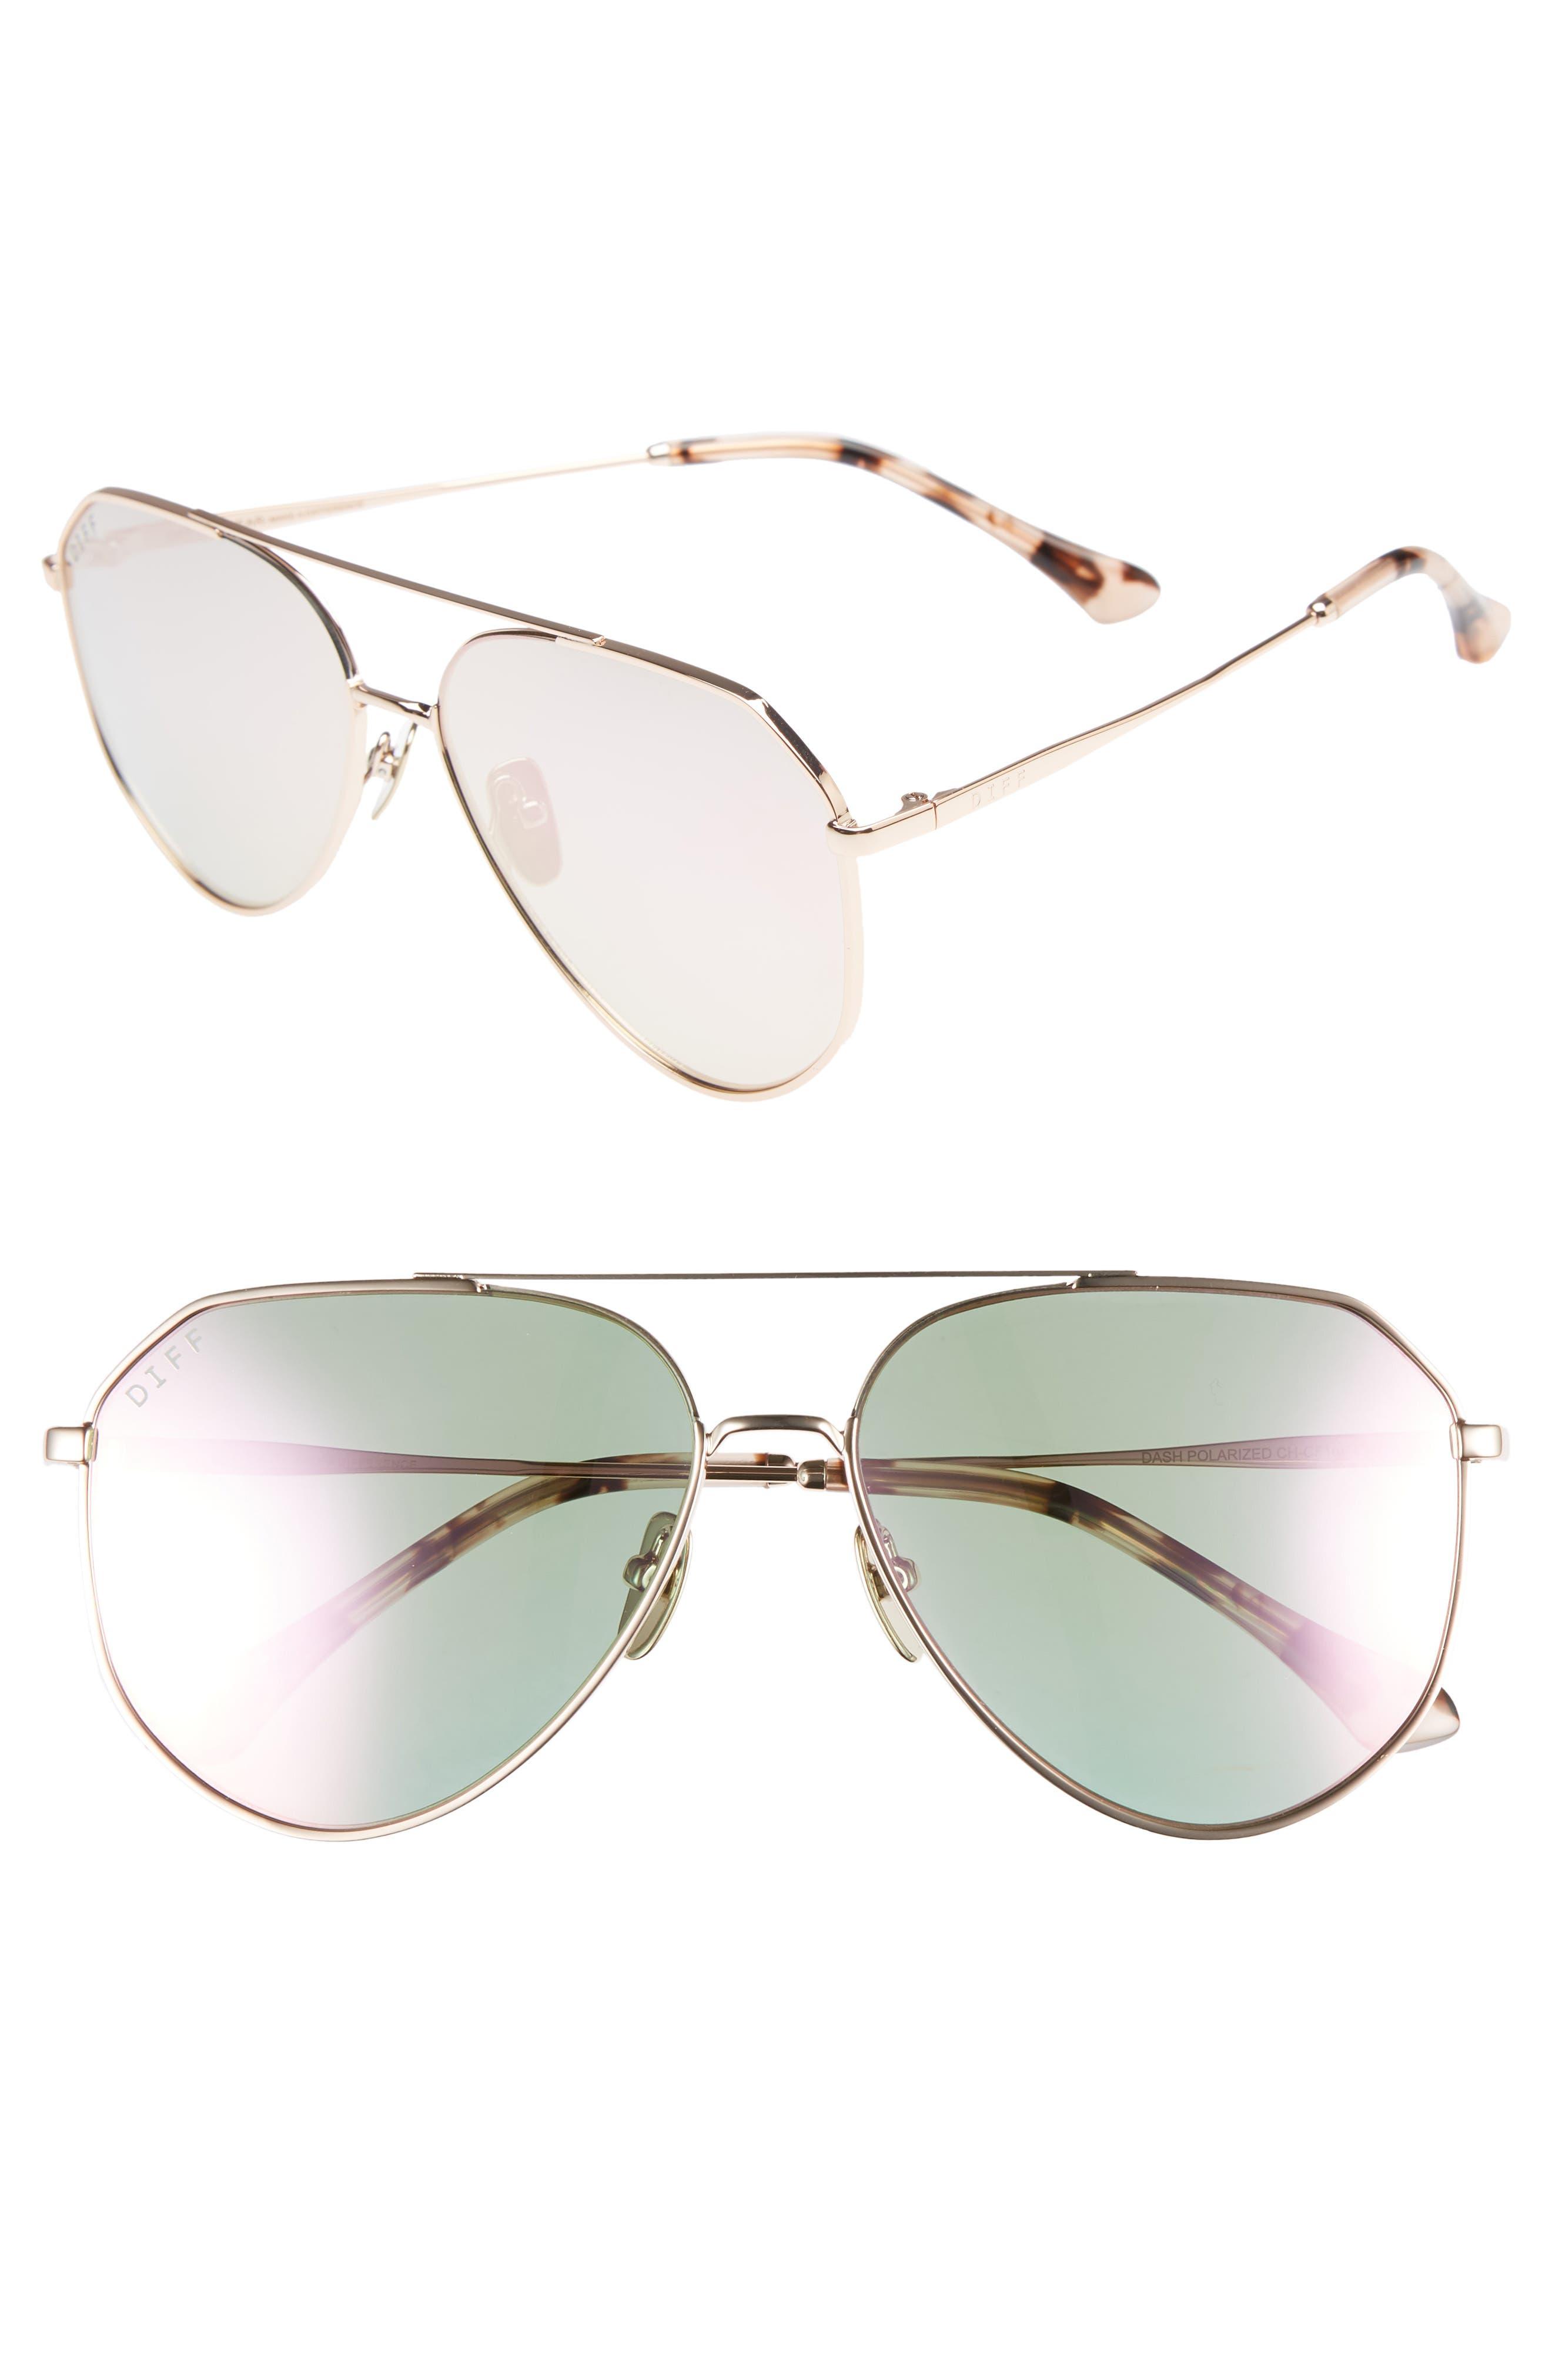 Dash 58mm Aviator Sunglasses,                         Main,                         color, CHAMPAGNE